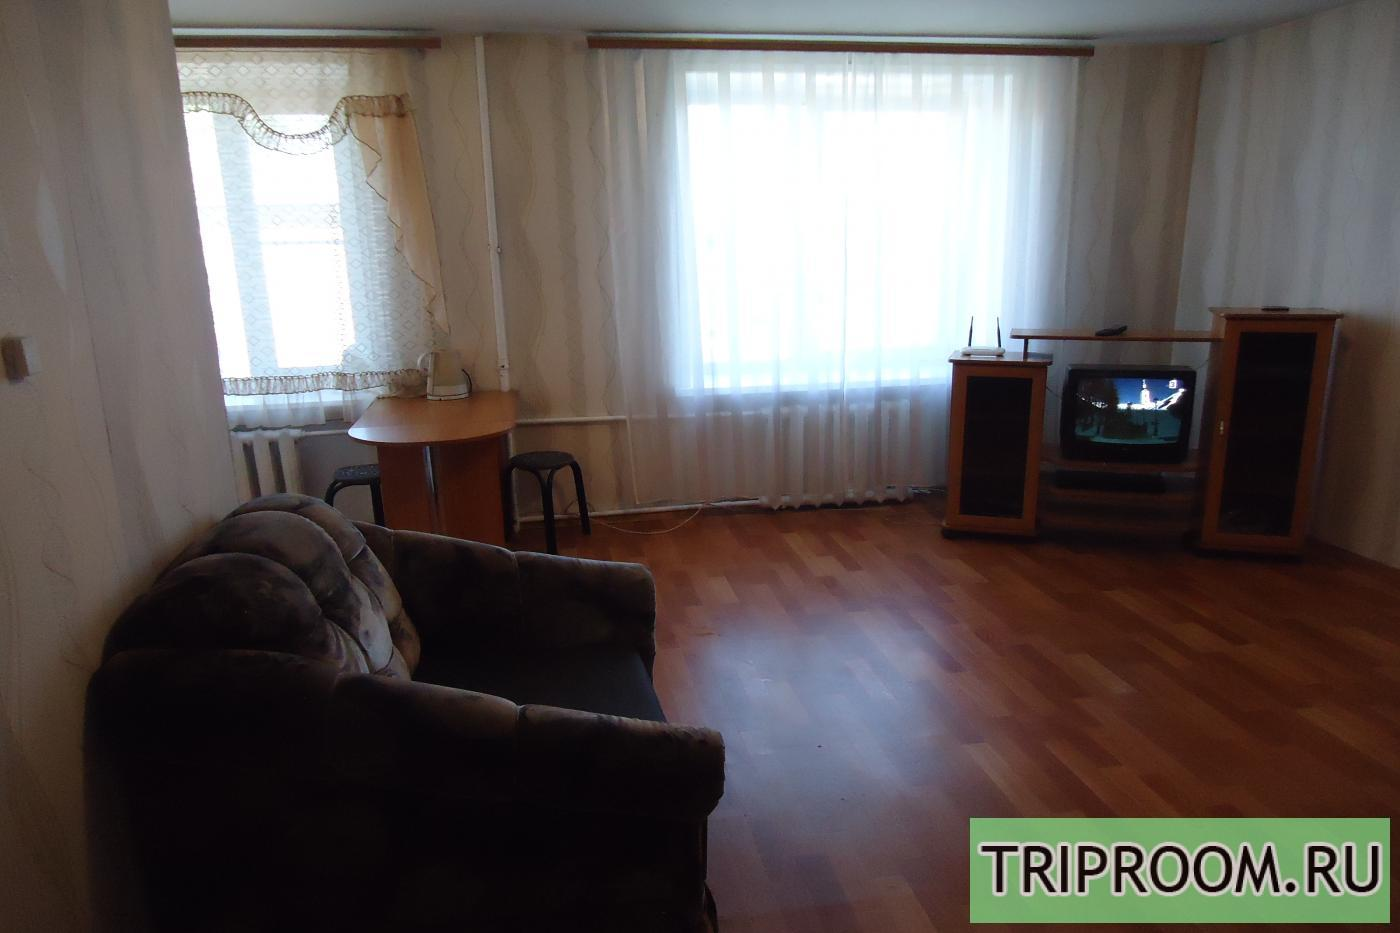 1-комнатная квартира посуточно (вариант № 10470), ул. Декабрьских Событий улица, фото № 1